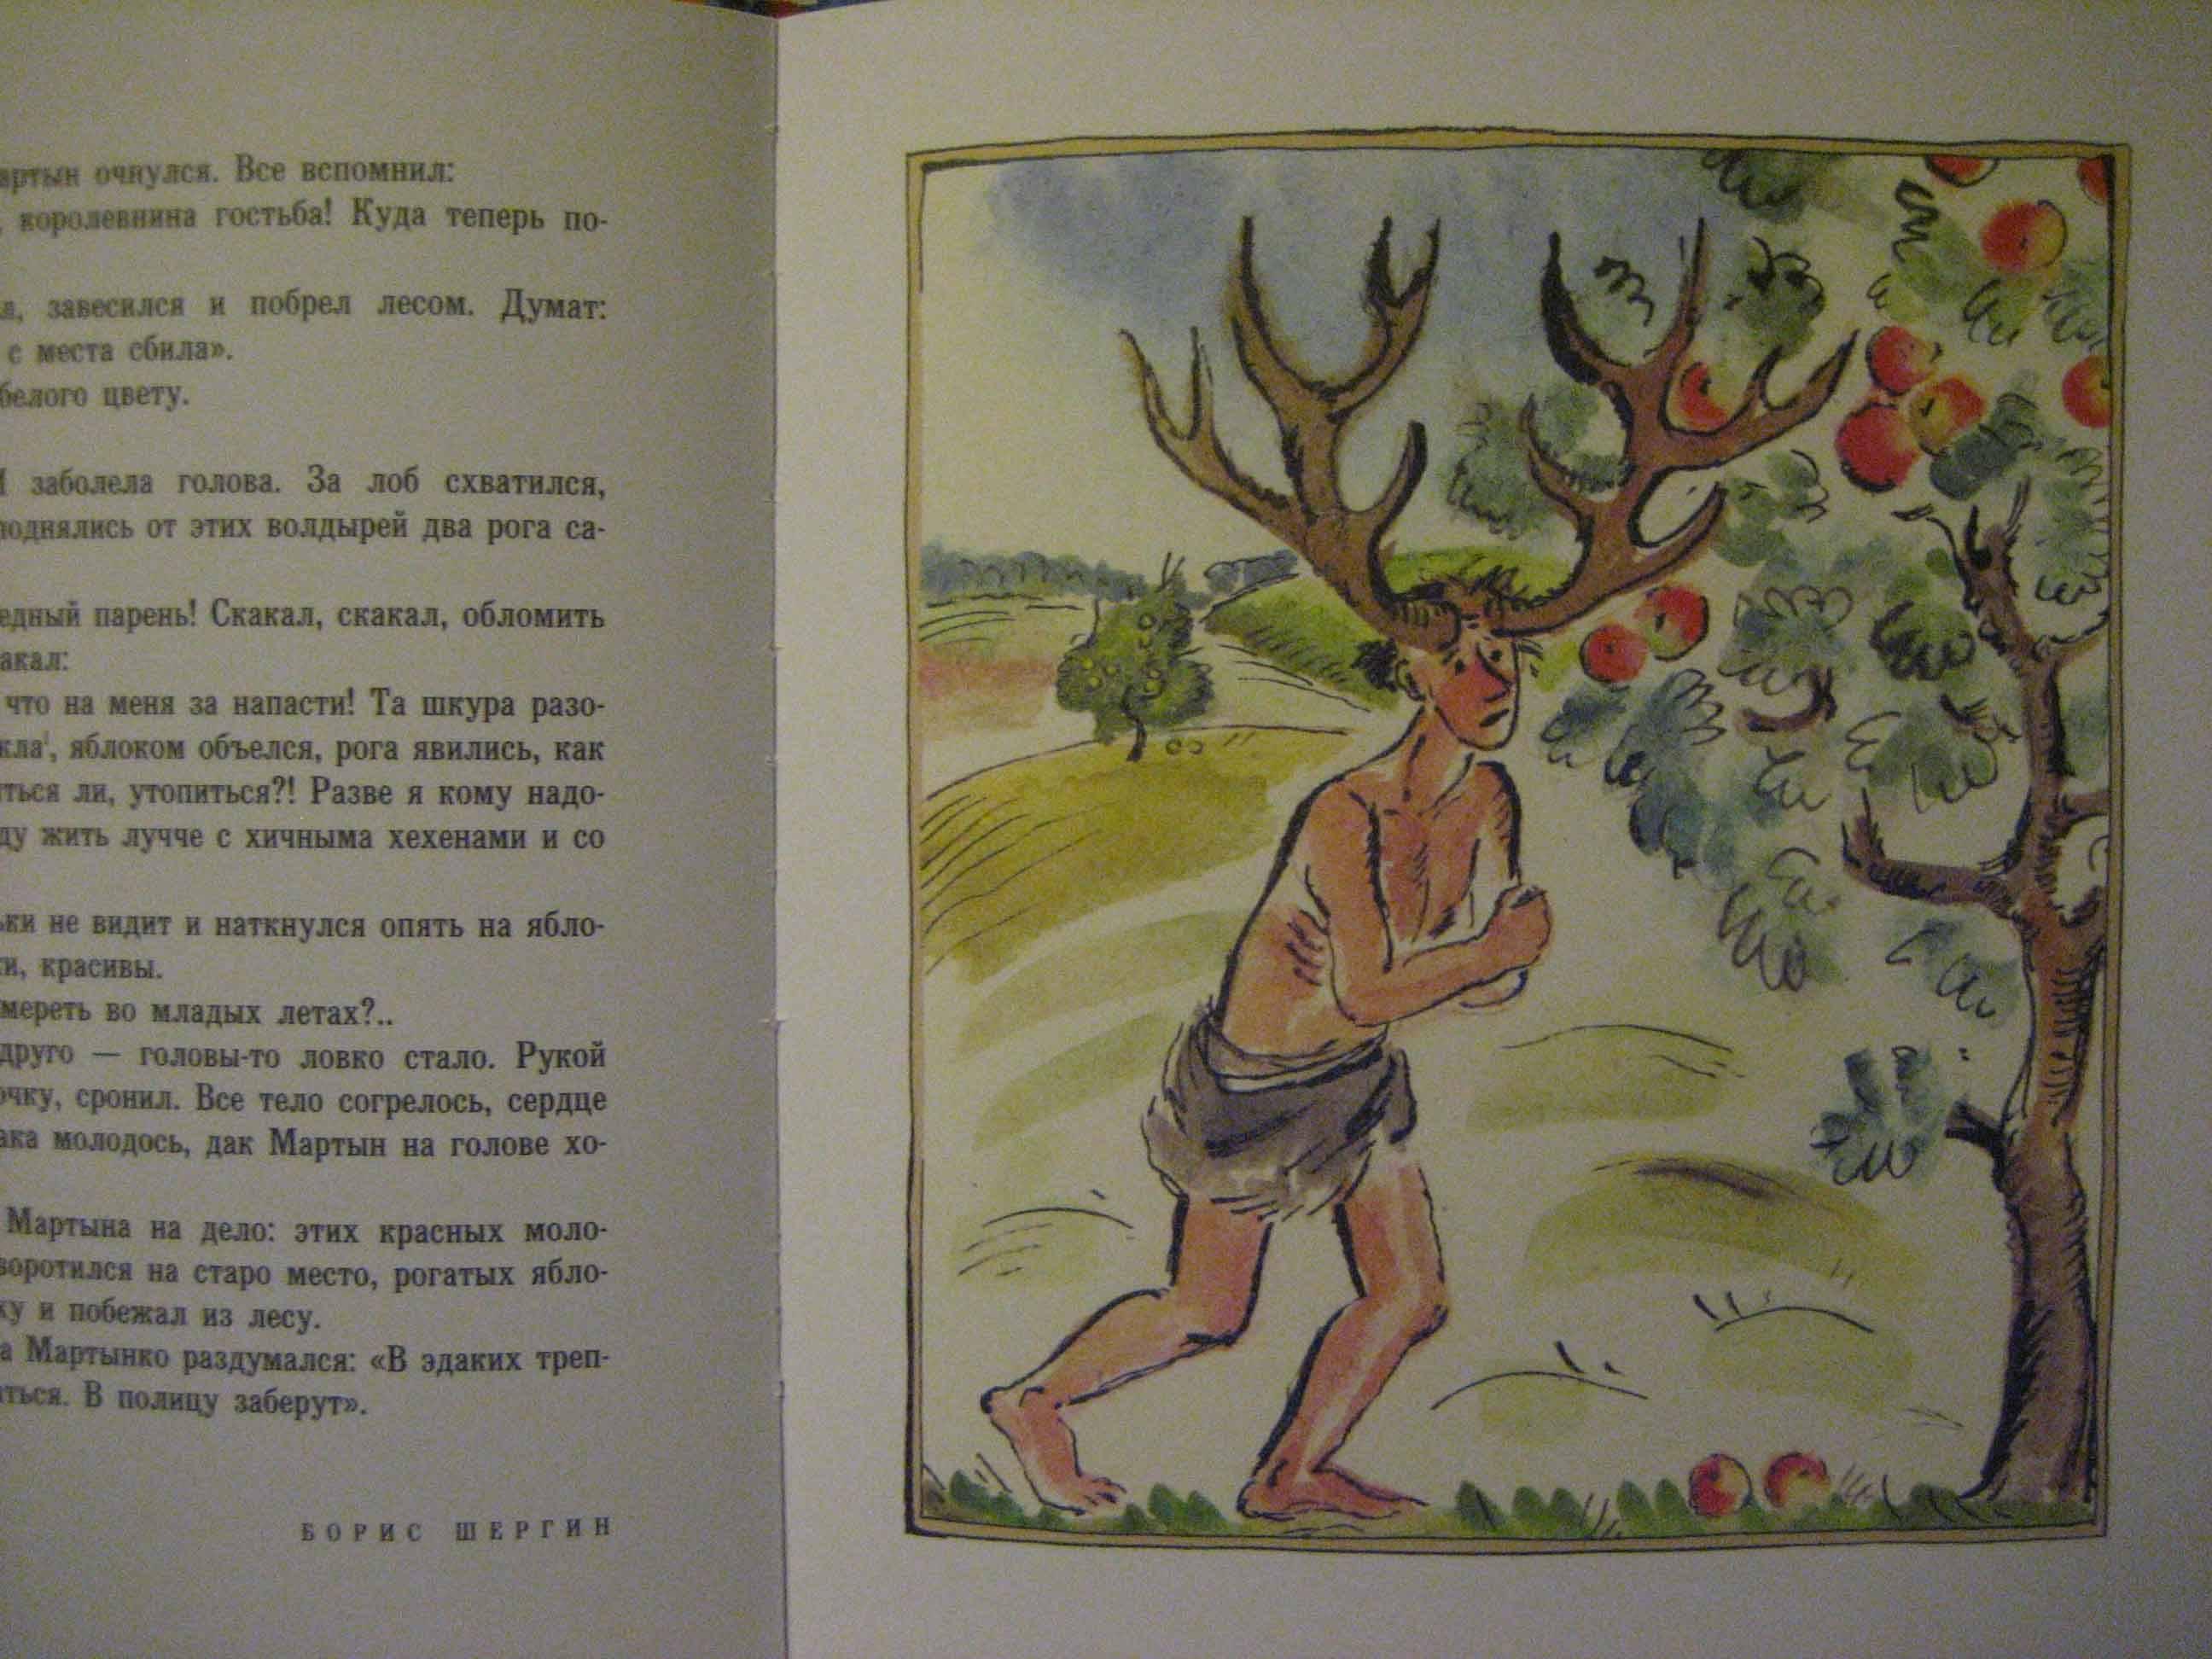 Иллюстрация 1 из 2 для Волшебное кольцо - Борис Шергин | Лабиринт - книги. Источник: Трухина Ирина